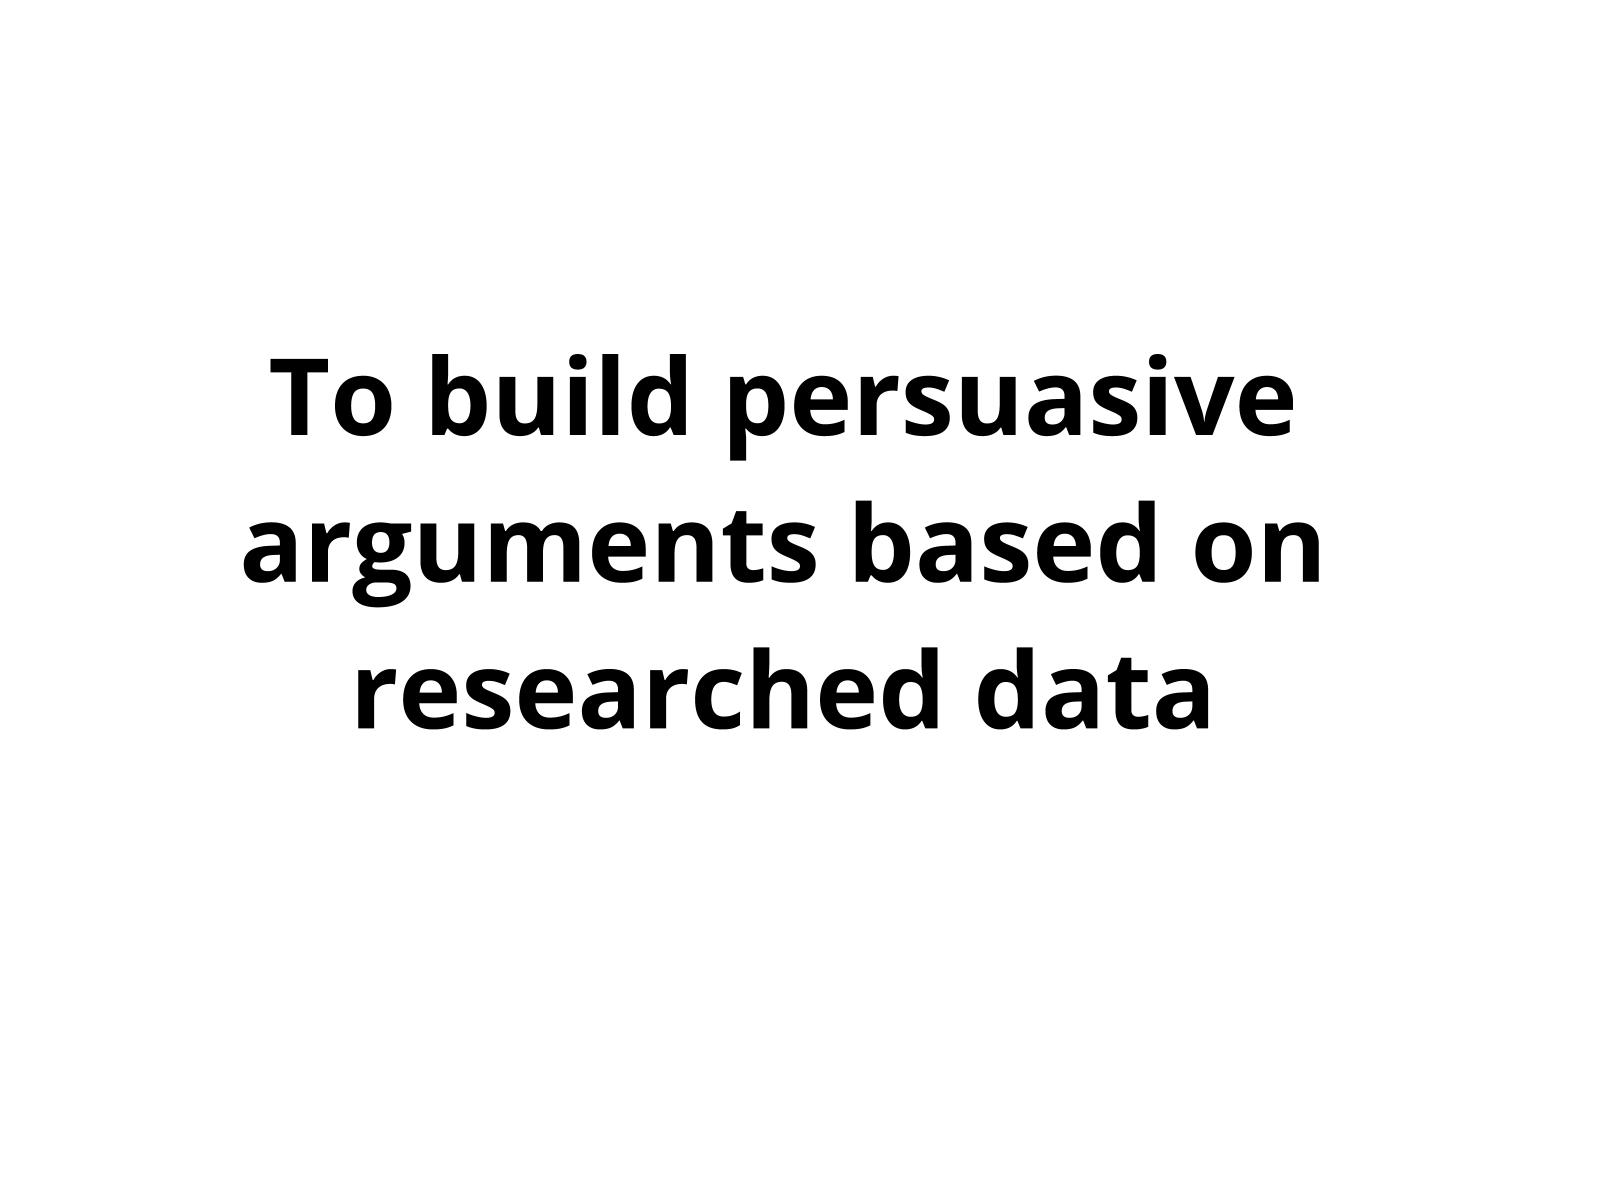 Construção da persuasão